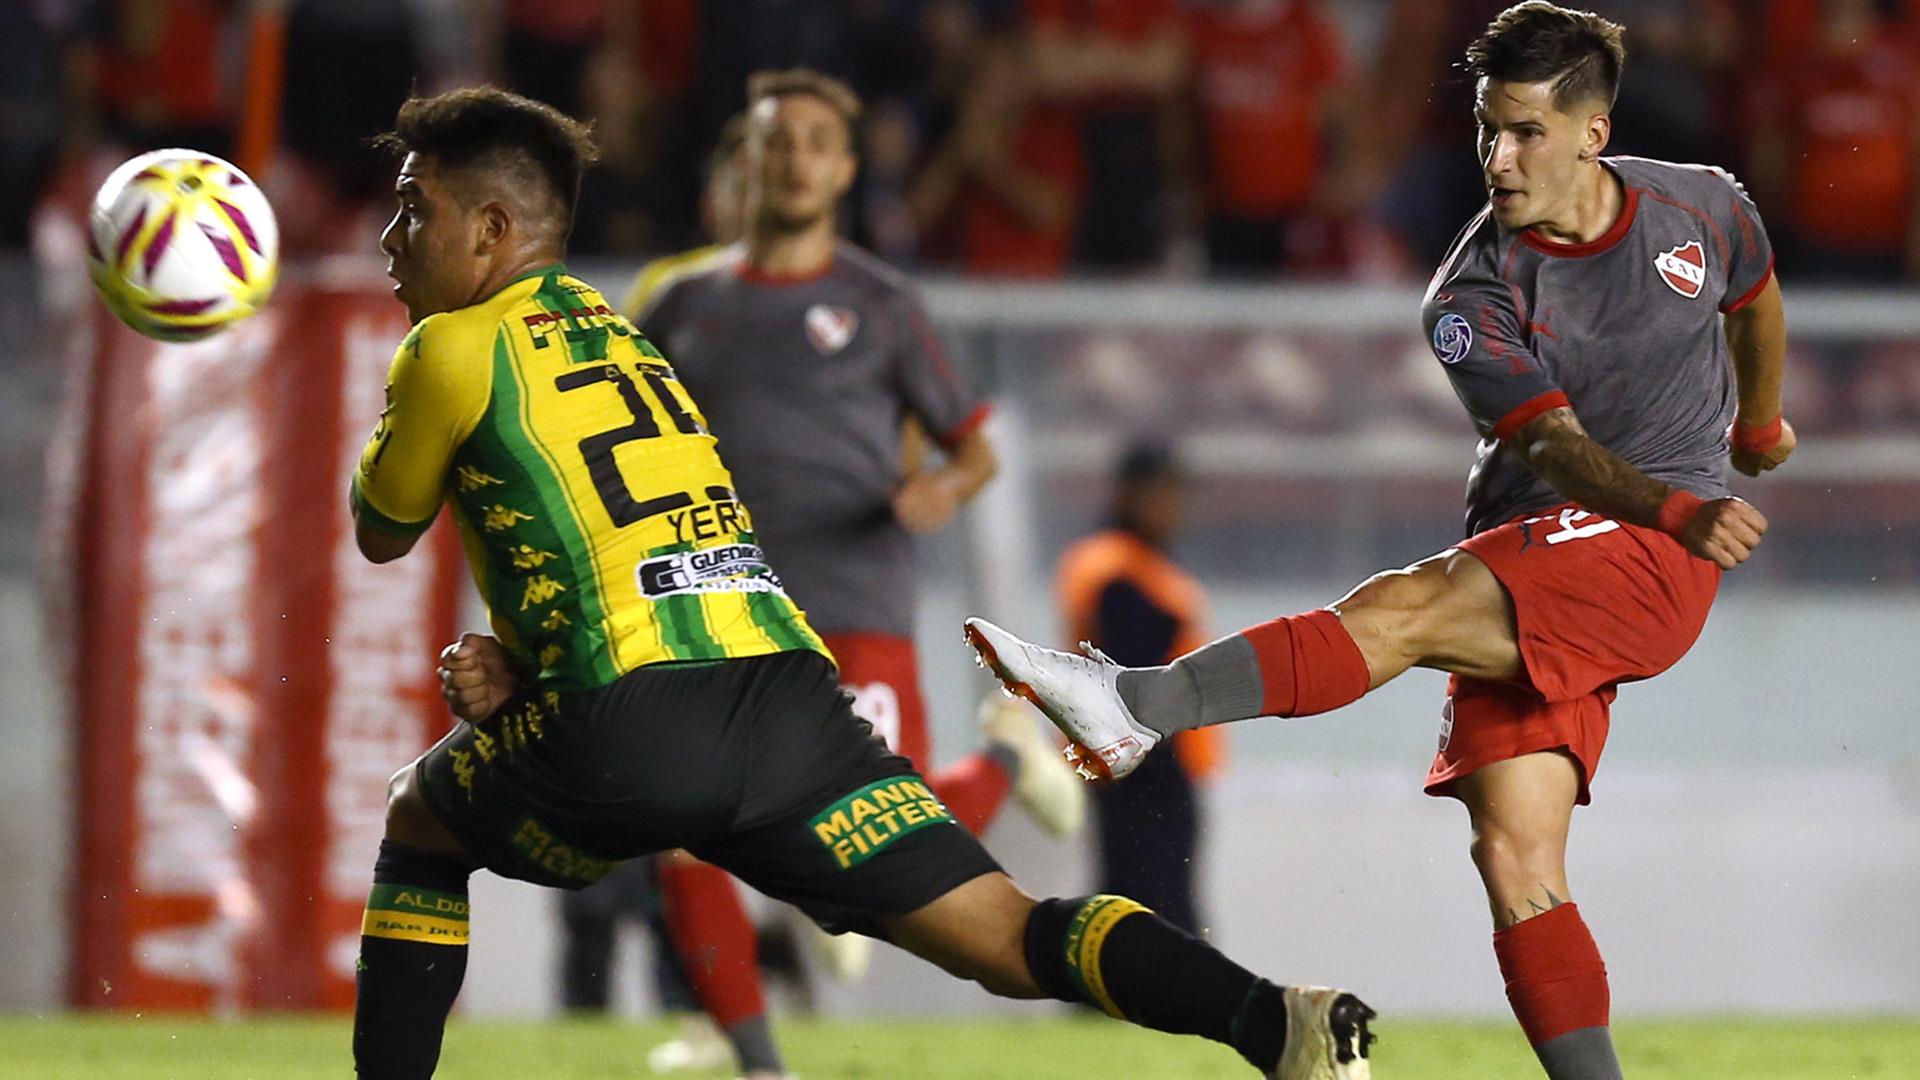 El conjunto marplatense viene de perder en su visita a Avellaneda frente a Independiente. (Foto Baires)